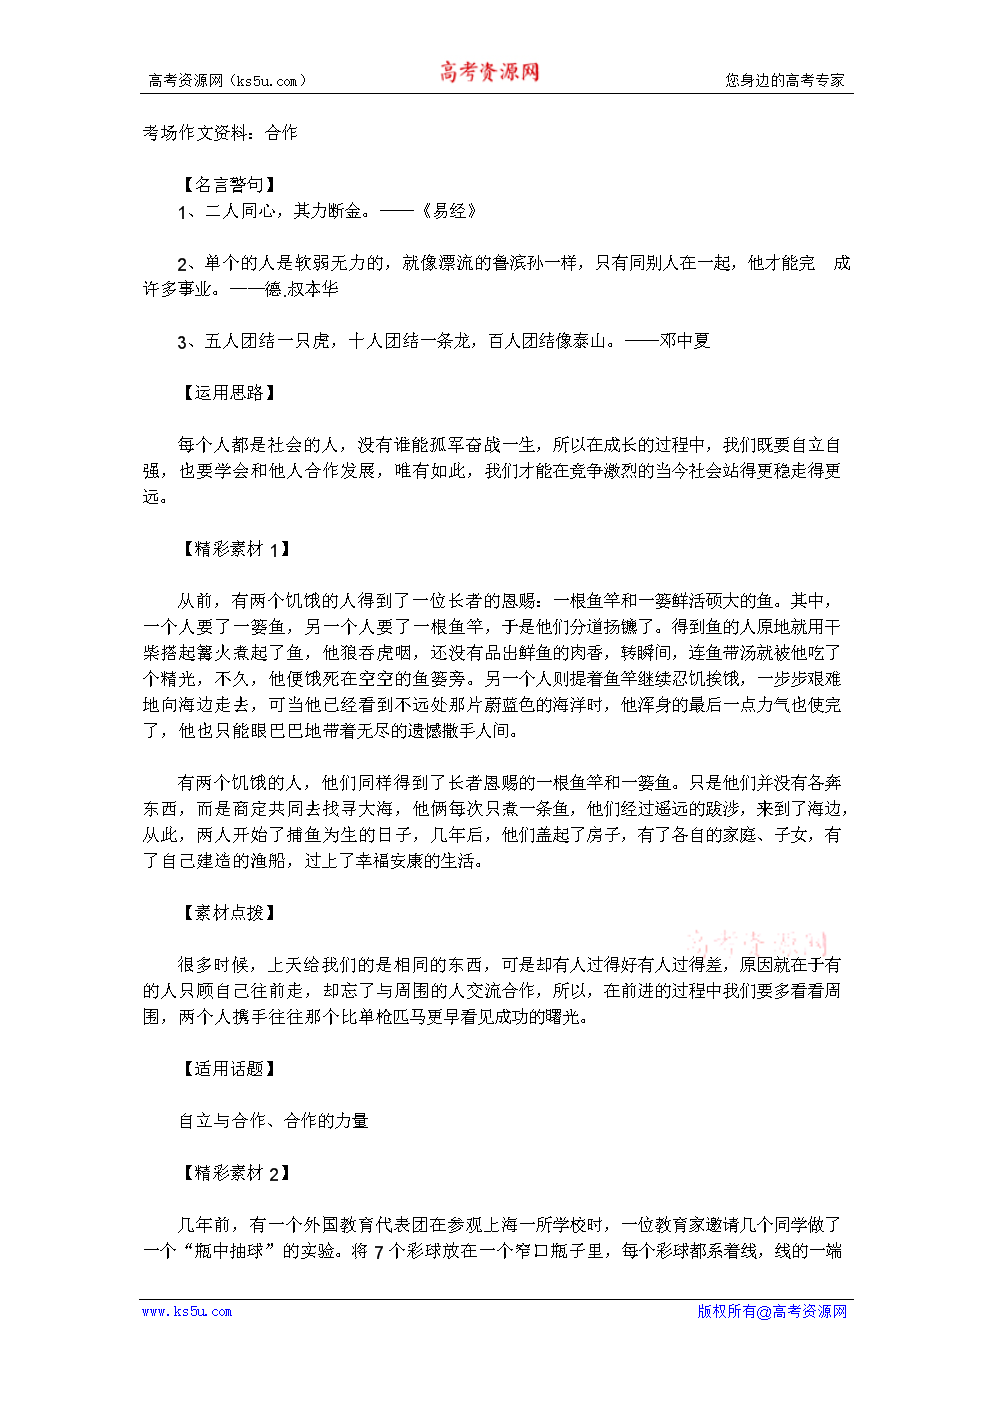 文总复习 考场作文资料 合作.doc